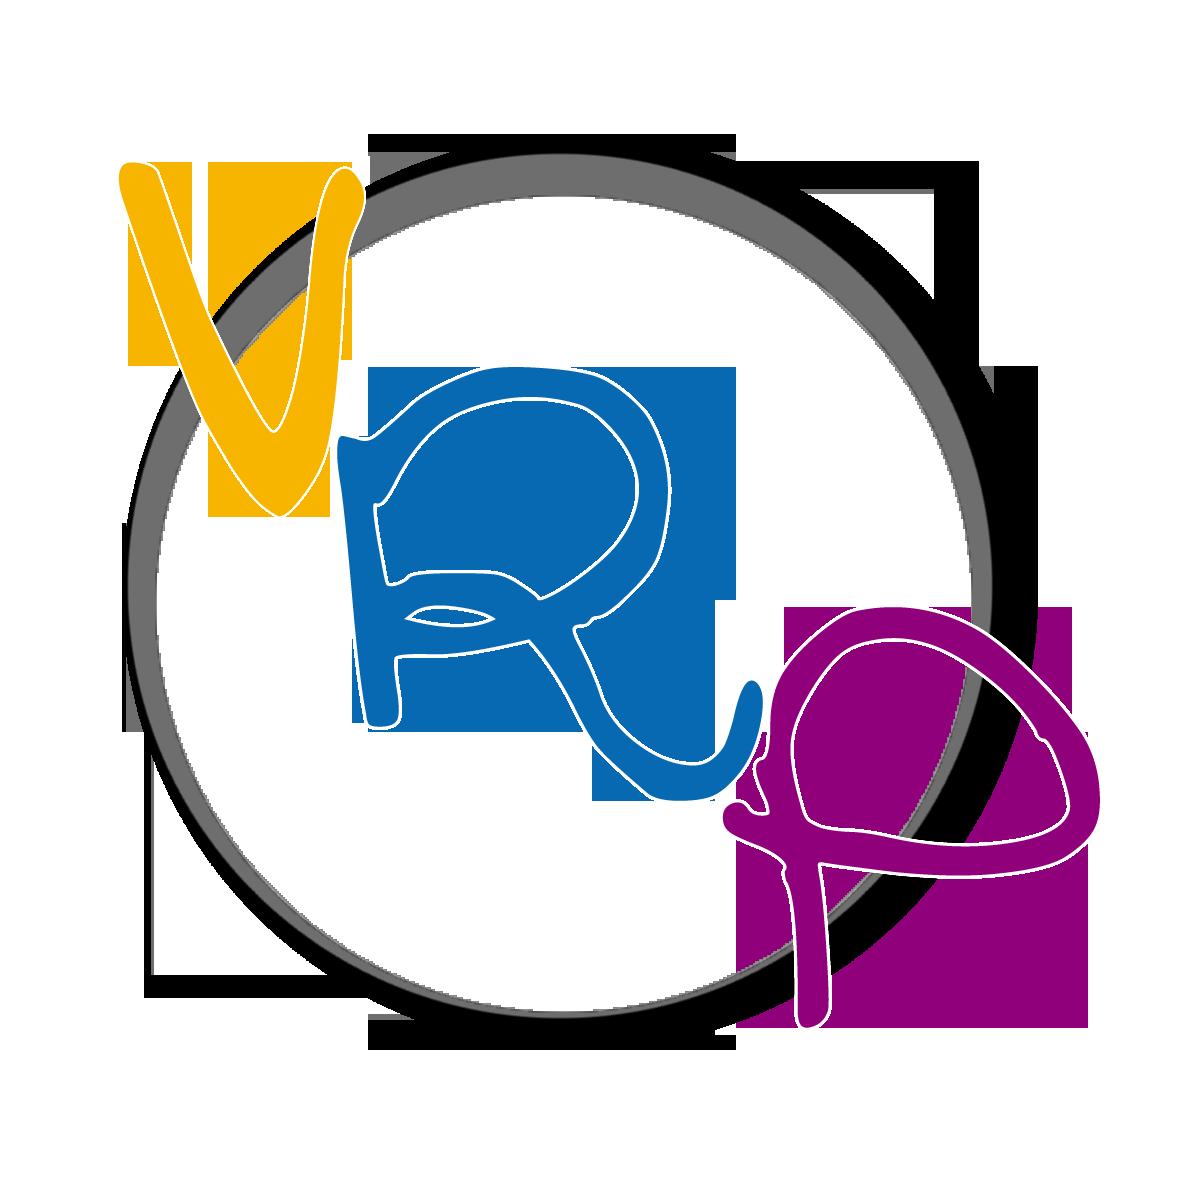 Il Logo VRP della scrittrice italiana, biellese Veronica Rosazza Prin